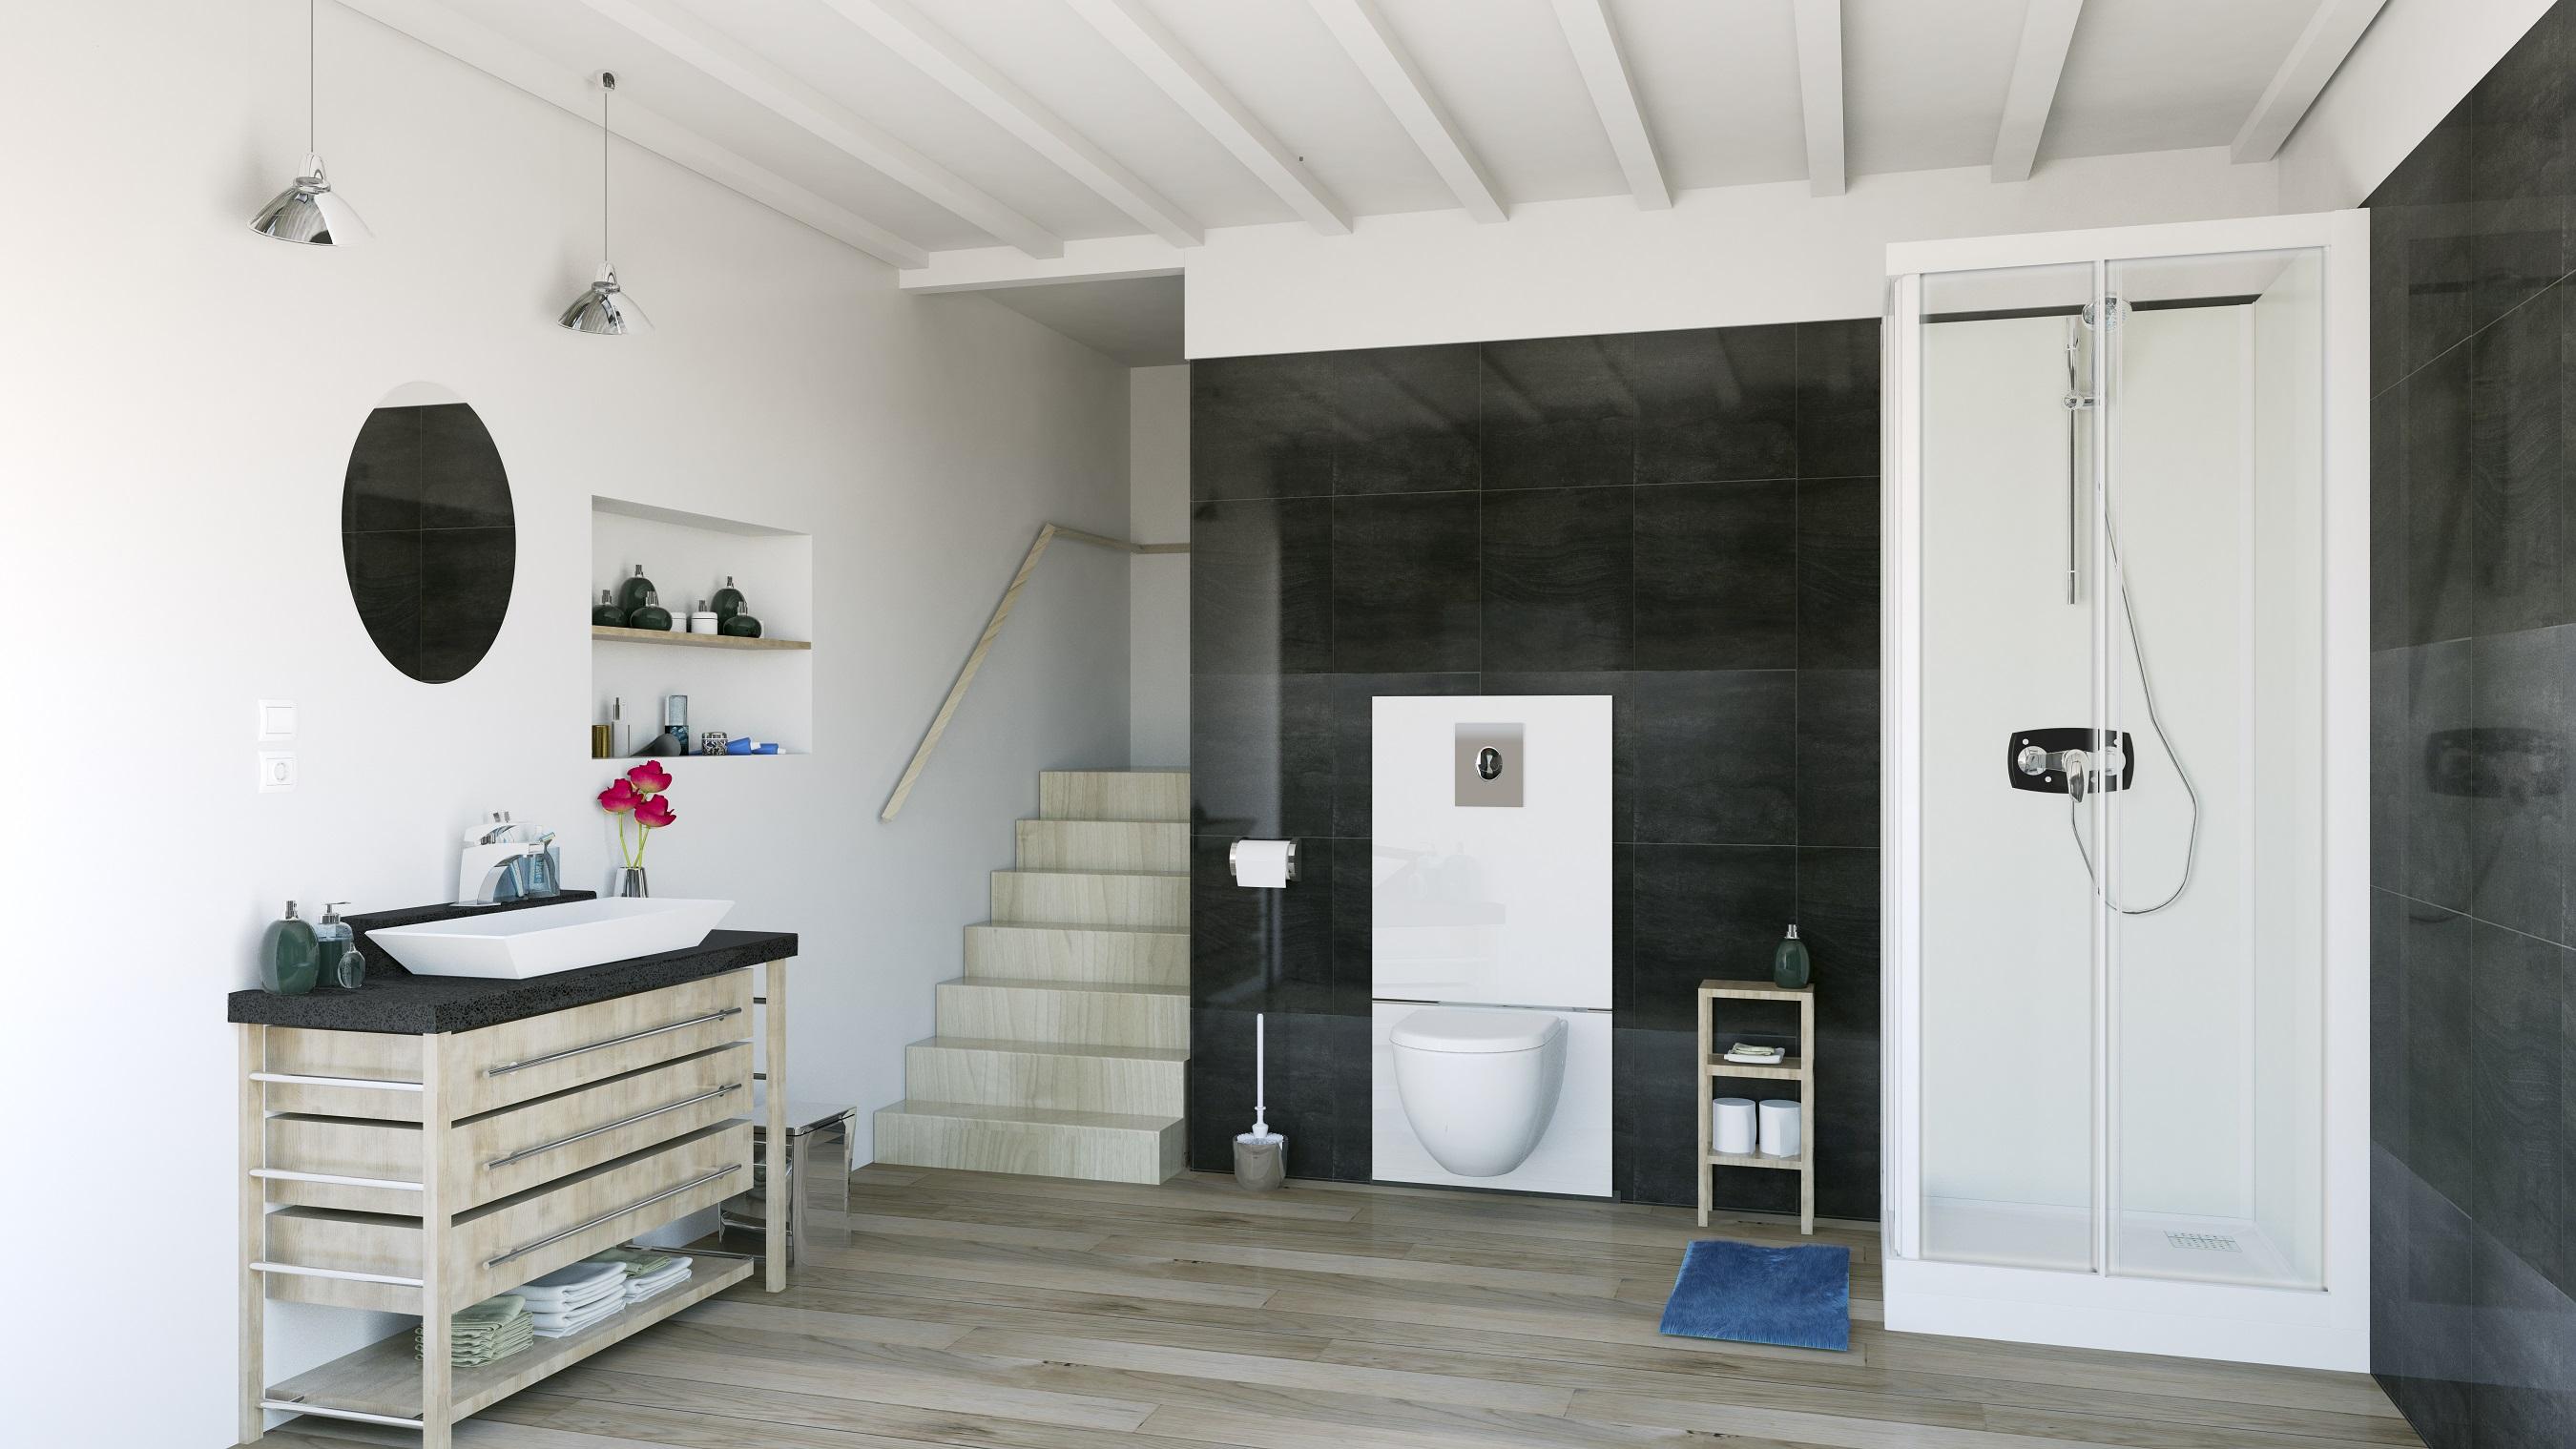 Nieuwe totaaloplossing voor het toilet in de badkamer: Saniwall PRO UP van Sanibroyeur en Grohe #badkamer